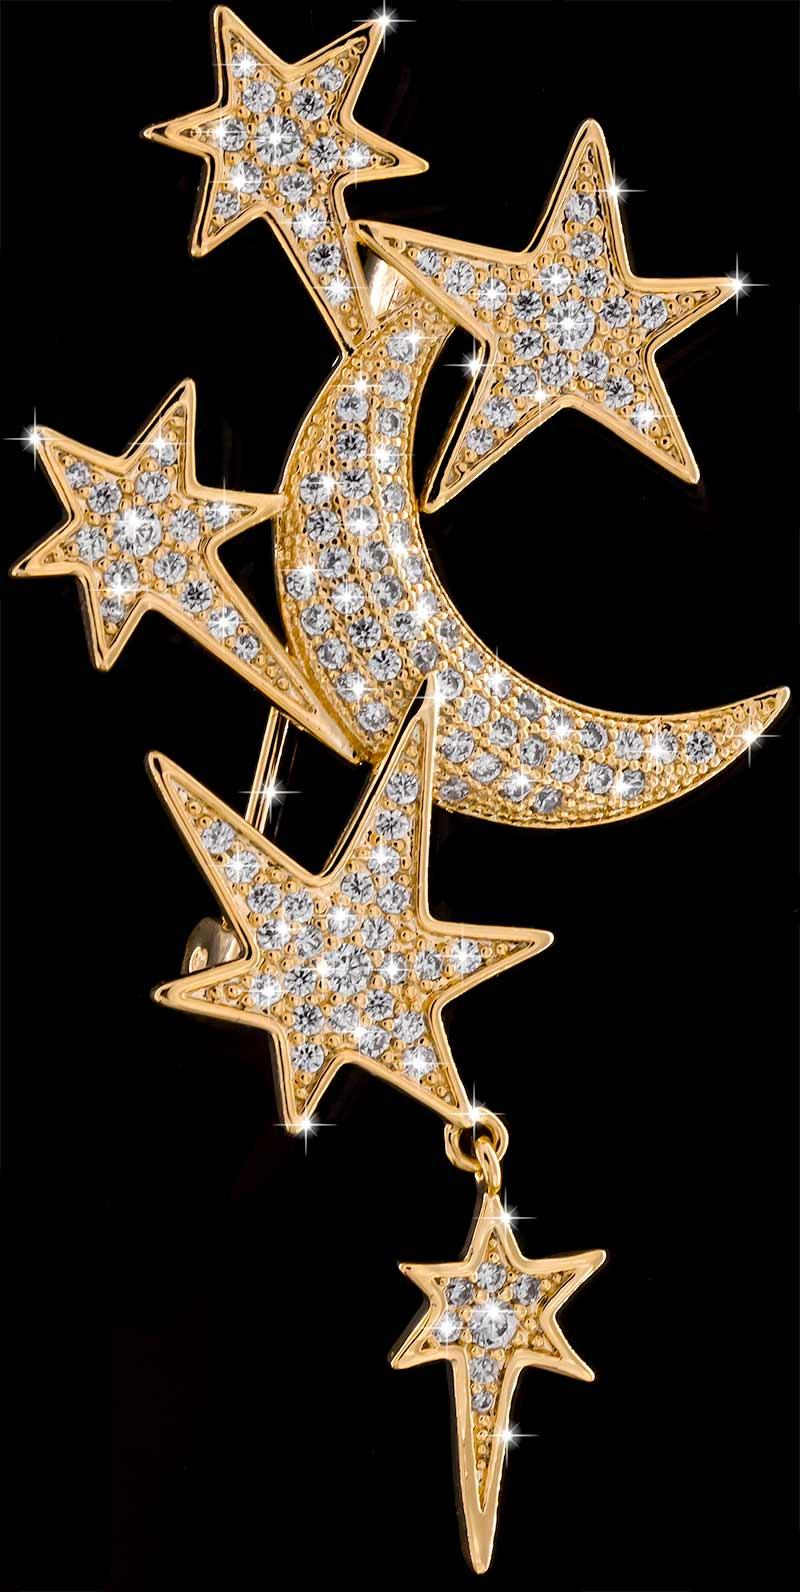 Brosche Mond und Sterne goldfarben mit vielen weissen Strass Steinen BR049 oben